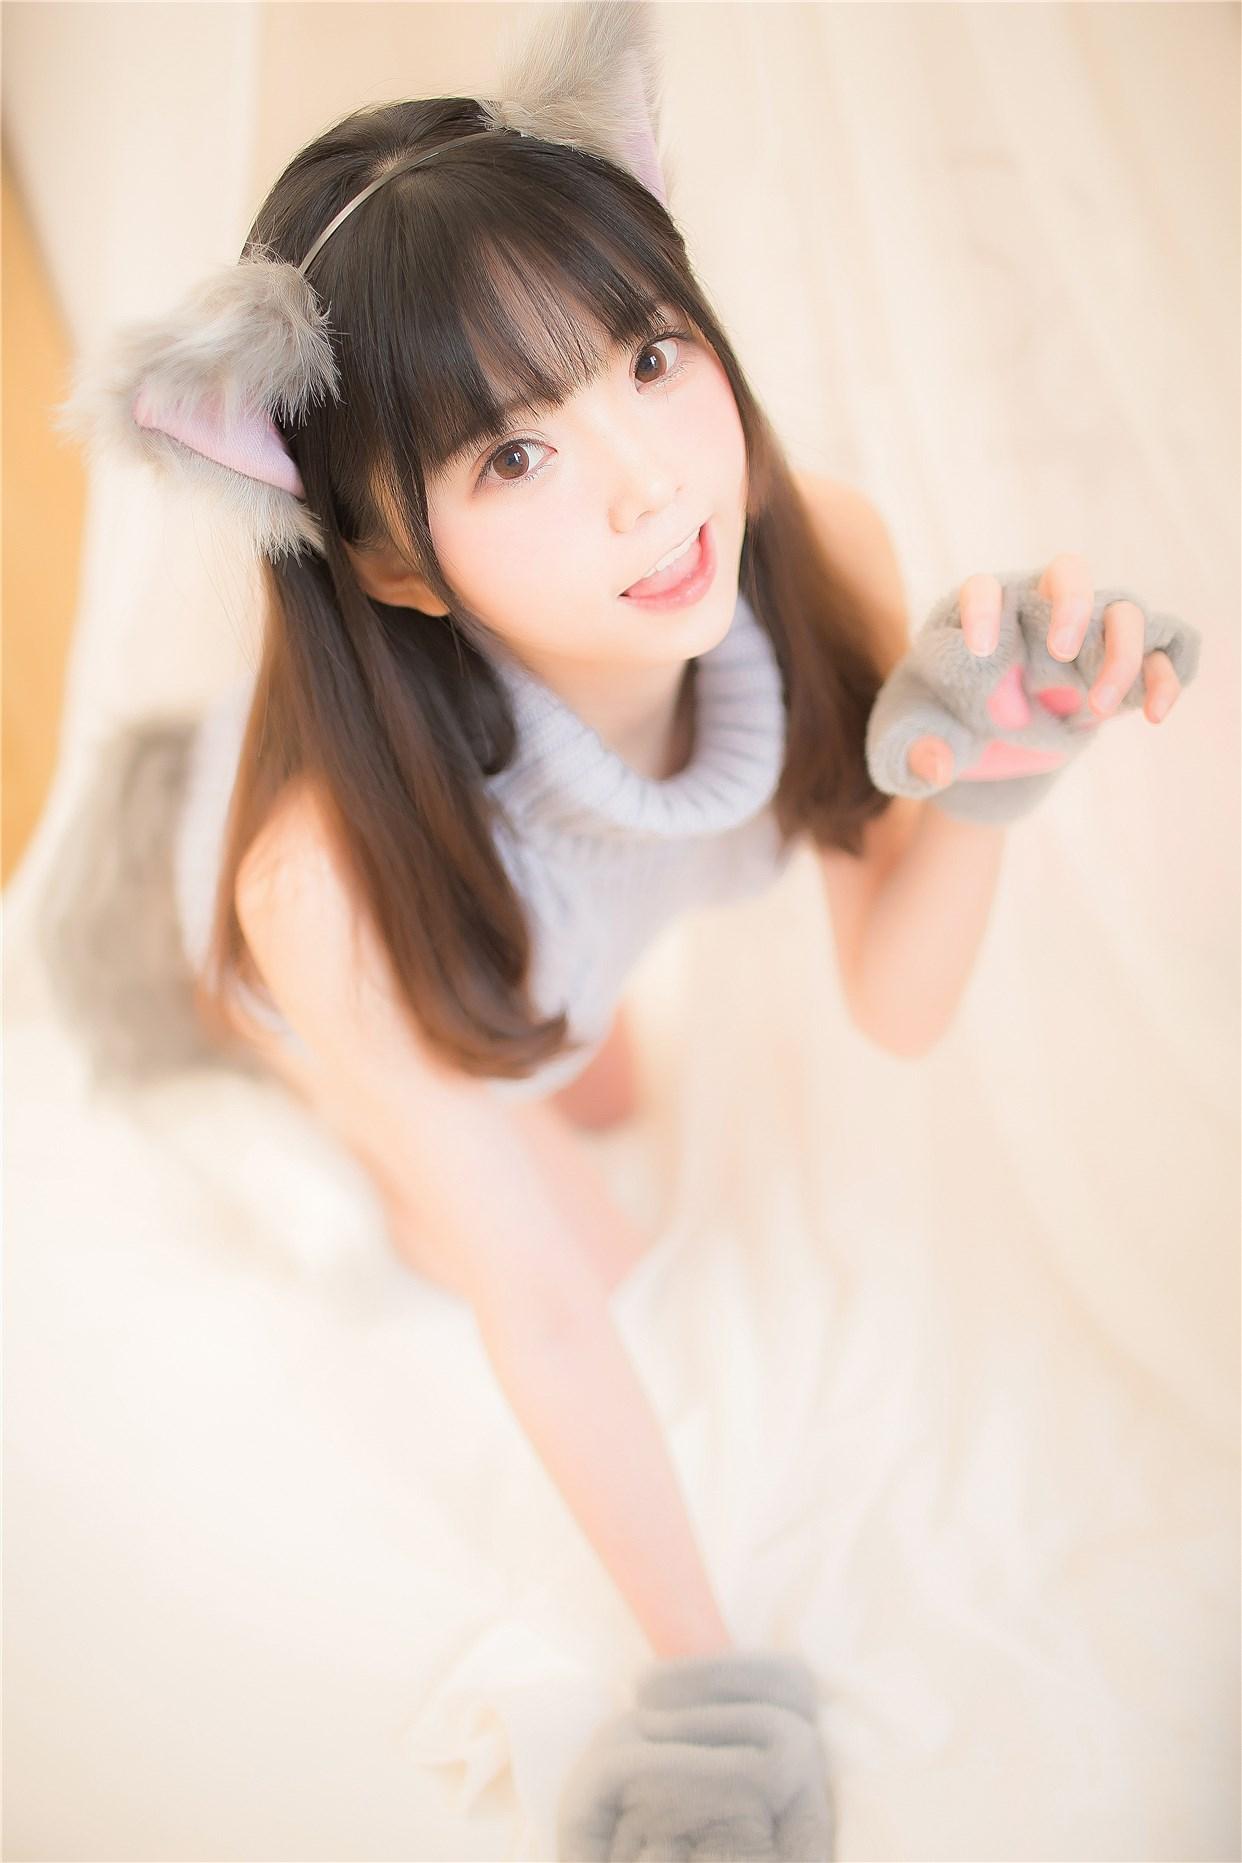 【兔玩映画】萌娘的露背毛衣 兔玩映画 第1张